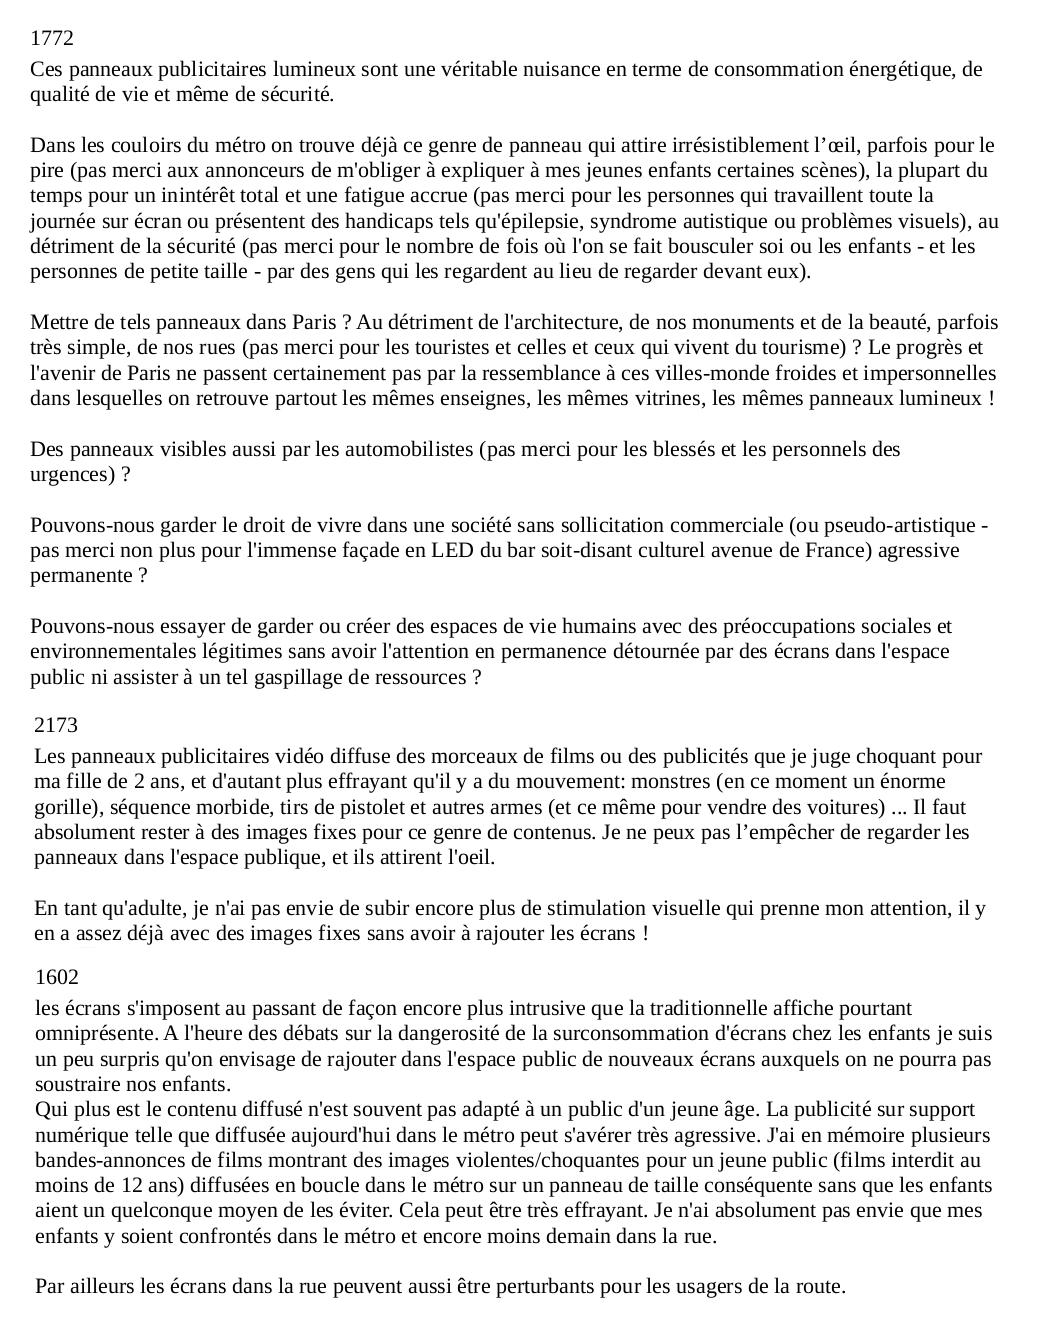 Rlp De Paris Analyse Des Contributions A La Concertation Resistance A L Agression Publicitaire